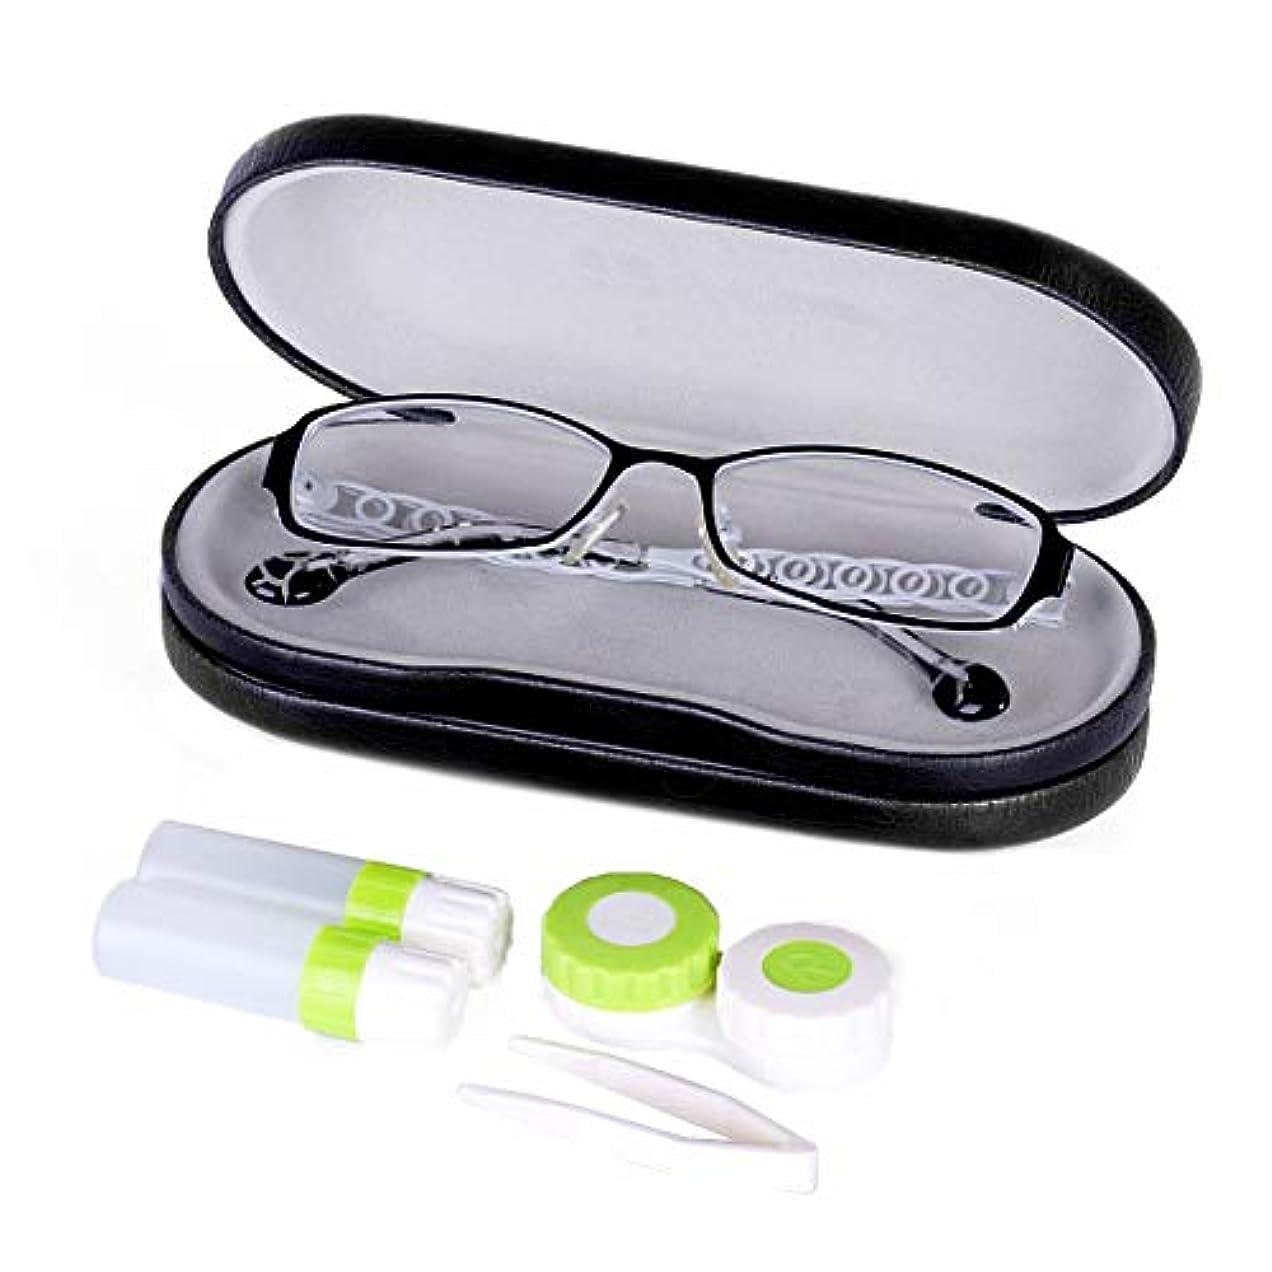 フレア細分化する精巧なColdwhite 眼鏡ケース ハード 両用 メガネケース 旅行用に革新的なコンタクトレンズケース両面メガネ収納ケース 小瓶と一対のコンタクトレンズピンセット付き 16x7x5cm